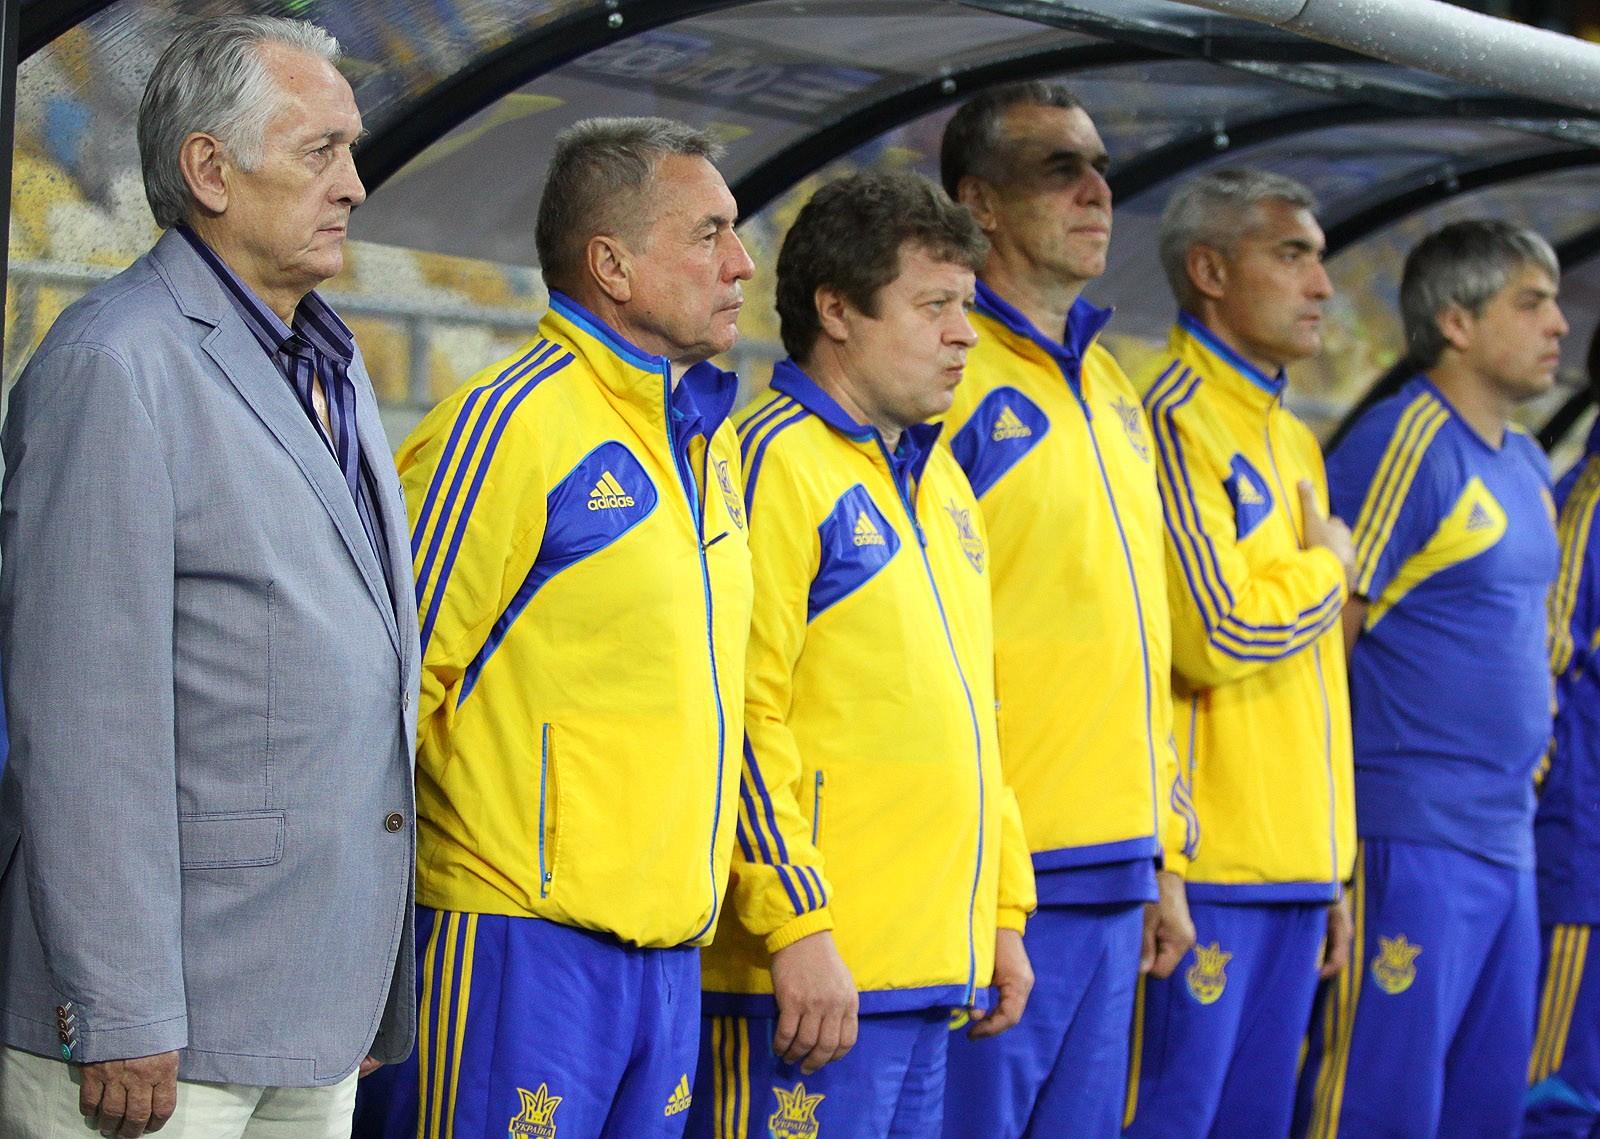 The Guardian: Прогрессивное мышление Фоменко дает Украине надежду на будущее - изображение 2